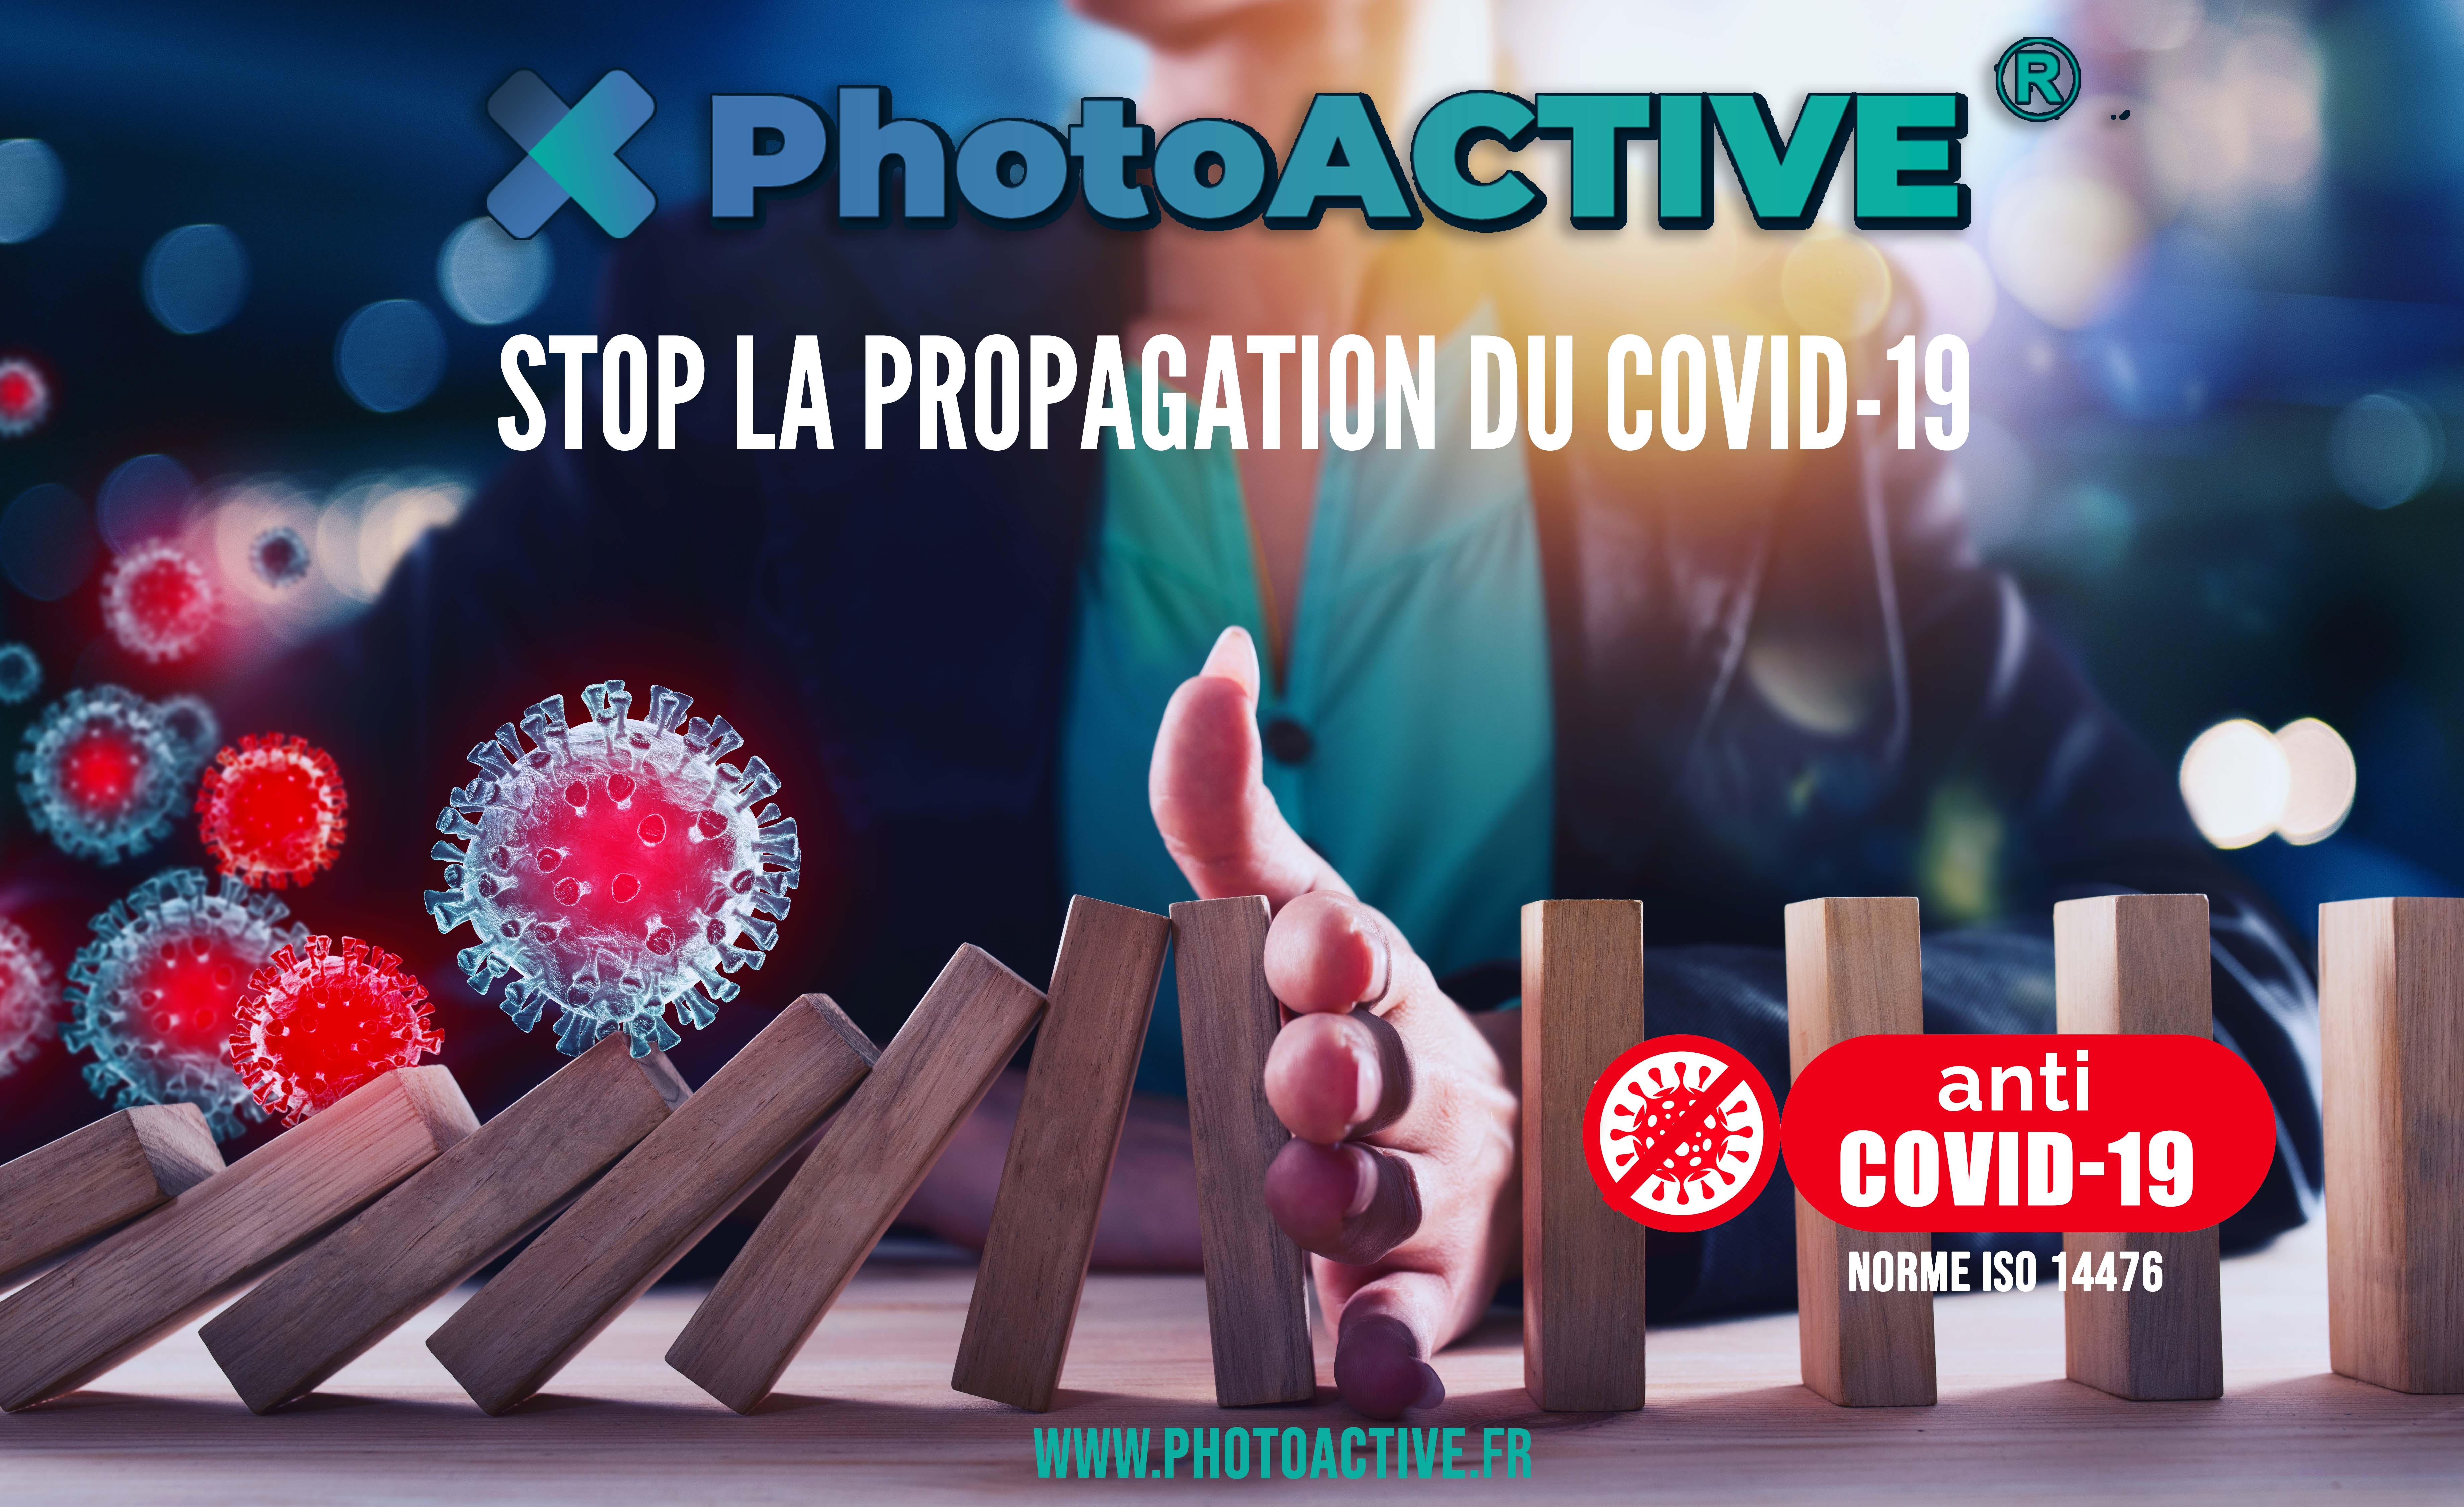 spray PhotoACTIVE anti covid 19, revêtement antimicrobien rémanent 1 an